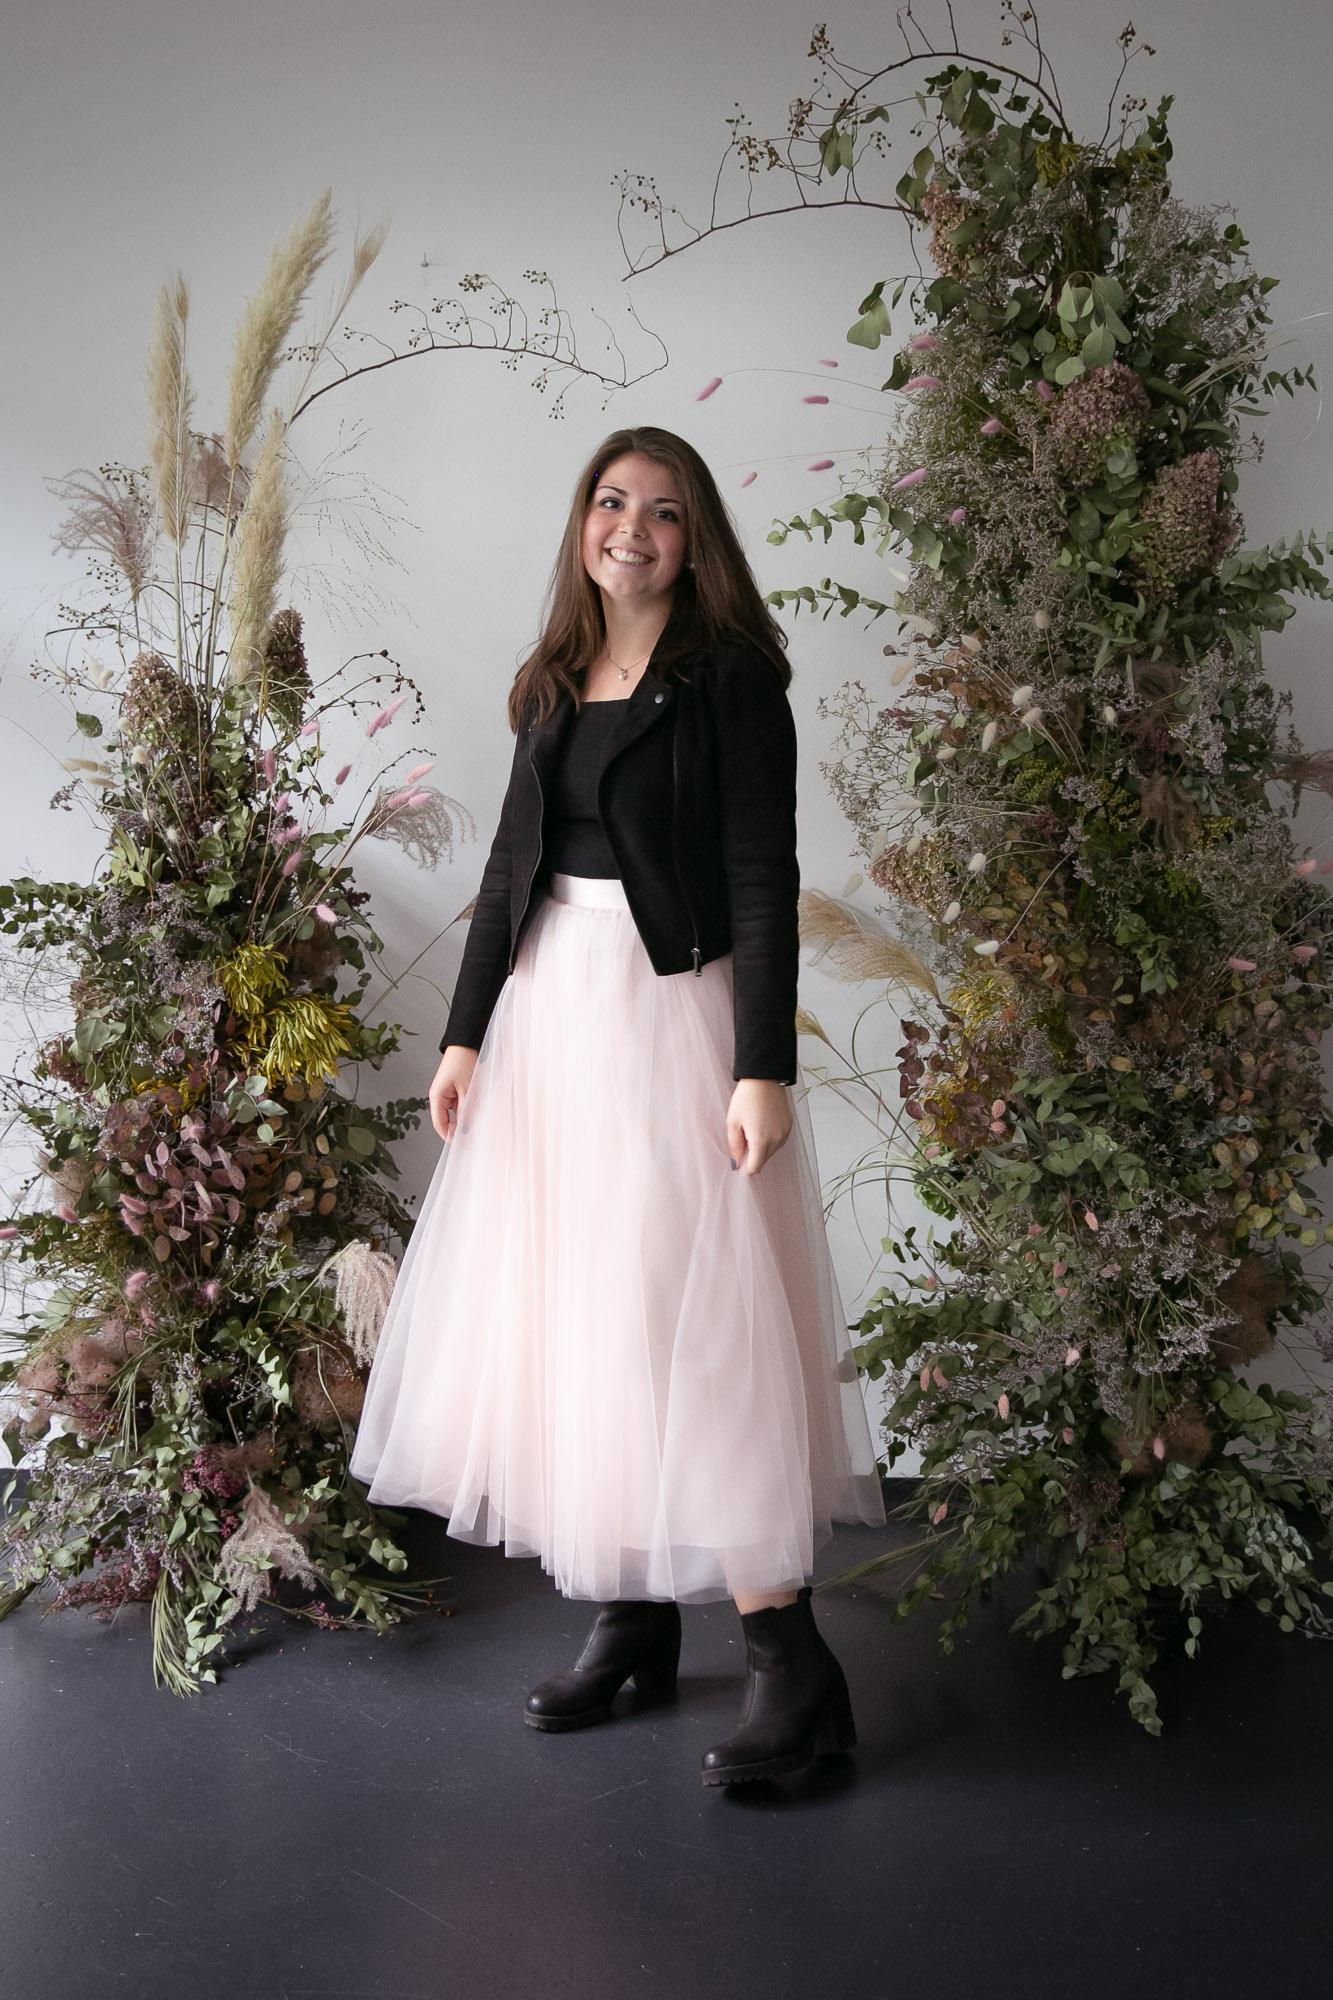 noni Brautkleider, langer Brautrock aus Tüll in Rosa mit schwarzer Lederjacke als Styling Inspiration